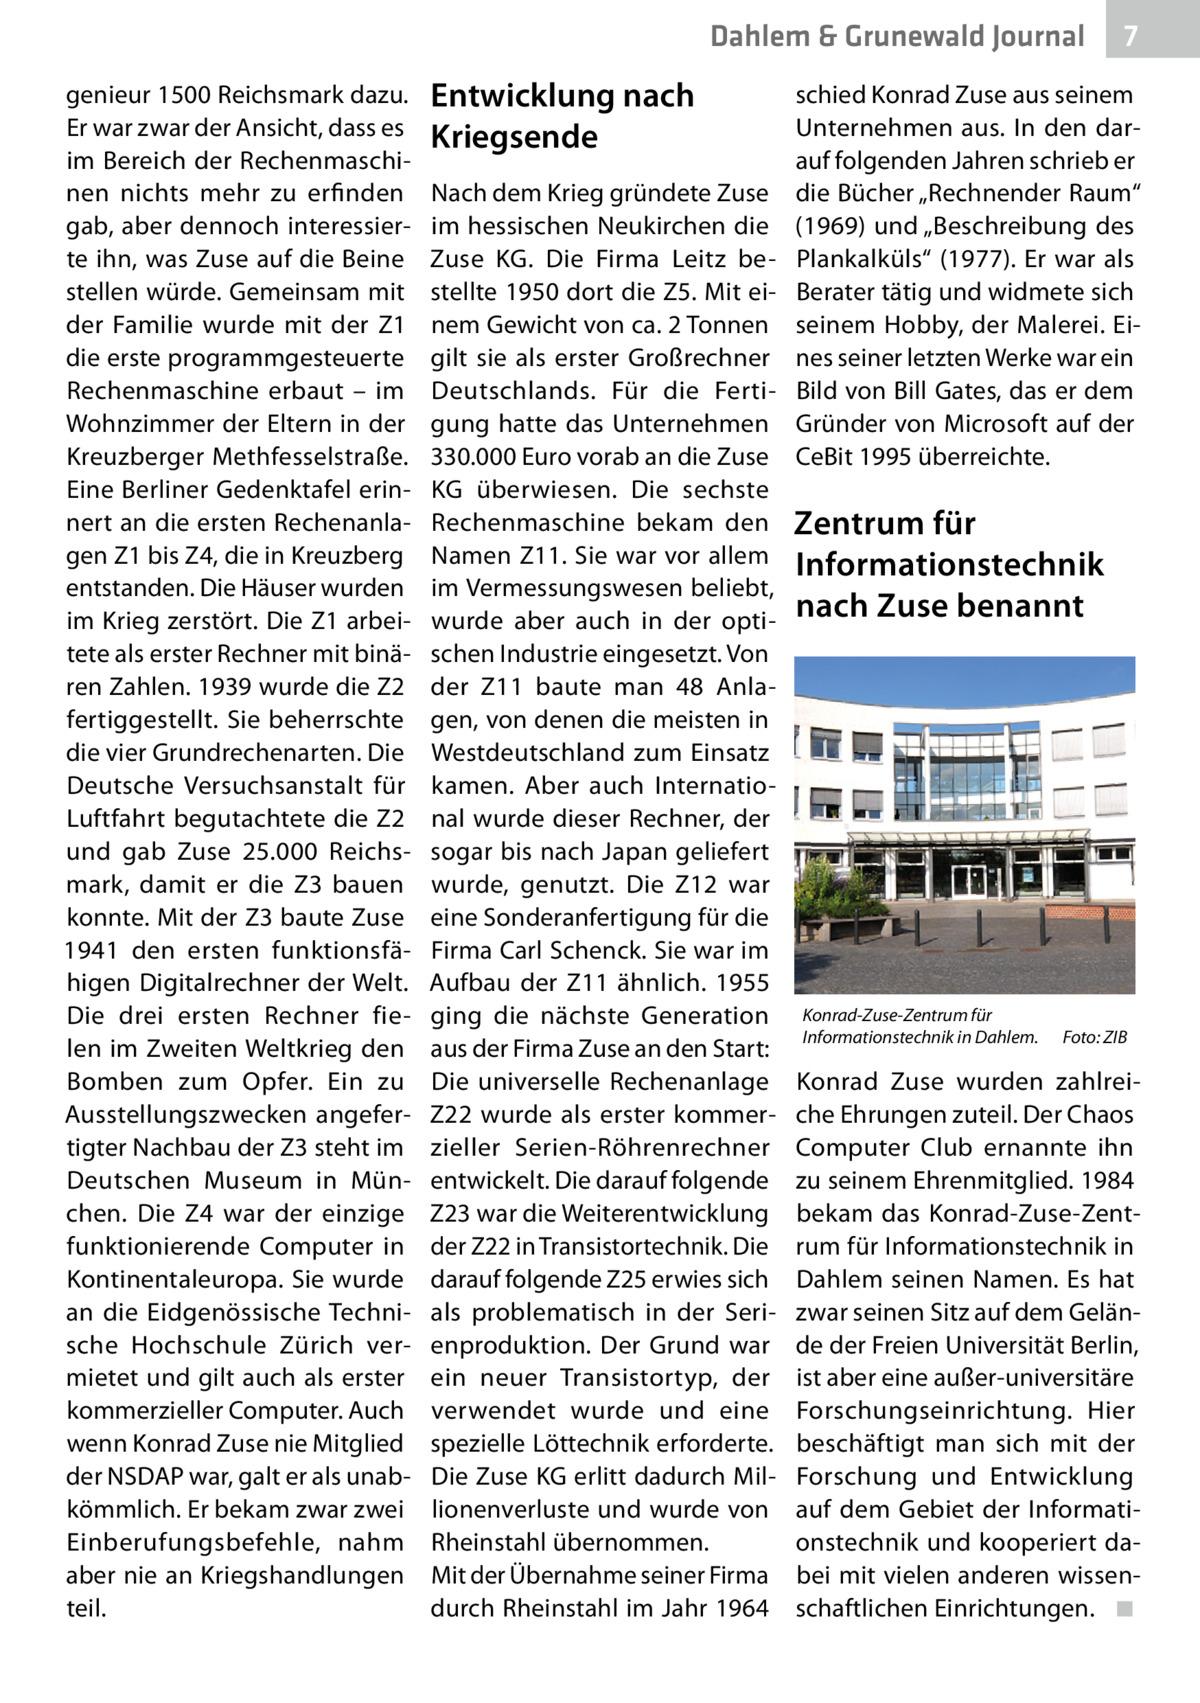 Dahlem & Grunewald Journal genieur 1500 Reichsmark dazu. Er war zwar der Ansicht, dass es im Bereich der Rechenmaschinen nichts mehr zu erfinden gab, aber dennoch interessierte ihn, was Zuse auf die Beine stellen würde. Gemeinsam mit der Familie wurde mit der Z1 die erste programmgesteuerte Rechenmaschine erbaut – im Wohnzimmer der Eltern in der Kreuzberger Methfesselstraße. Eine Berliner Gedenktafel erinnert an die ersten Rechenanlagen Z1 bis Z4, die in Kreuzberg entstanden. Die Häuser wurden im Krieg zerstört. Die Z1 arbeitete als erster Rechner mit binären Zahlen. 1939 wurde die Z2 fertiggestellt. Sie beherrschte die vier Grundrechenarten. Die Deutsche Versuchsanstalt für Luftfahrt begutachtete die Z2 und gab Zuse 25.000 Reichsmark, damit er die Z3 bauen konnte. Mit der Z3 baute Zuse 1941 den ersten funktionsfähigen Digitalrechner der Welt. Die drei ersten Rechner fielen im Zweiten Weltkrieg den Bomben zum Opfer. Ein zu Ausstellungszwecken angefertigter Nachbau der Z3 steht im Deutschen Museum in München. Die Z4 war der einzige funktionierende Computer in Kontinentaleuropa. Sie wurde an die Eidgenössische Technische Hochschule Zürich vermietet und gilt auch als erster kommerzieller Computer. Auch wenn Konrad Zuse nie Mitglied der NSDAP war, galt er als unabkömmlich. Er bekam zwar zwei Einberufungsbefehle, nahm aber nie an Kriegshandlungen teil.  Entwicklung nach Kriegsende Nach dem Krieg gründete Zuse im hessischen Neukirchen die Zuse KG. Die Firma Leitz bestellte 1950 dort die Z5. Mit einem Gewicht von ca. 2Tonnen gilt sie als erster Großrechner Deutschlands. Für die Fertigung hatte das Unternehmen 330.000Euro vorab an die Zuse KG überwiesen. Die sechste Rechenmaschine bekam den Namen Z11. Sie war vor allem im Vermessungswesen beliebt, wurde aber auch in der optischen Industrie eingesetzt. Von der Z11 baute man 48 Anlagen, von denen die meisten in Westdeutschland zum Einsatz kamen. Aber auch International wurde dieser Rechner, der sogar bis nach Japan geliefert 